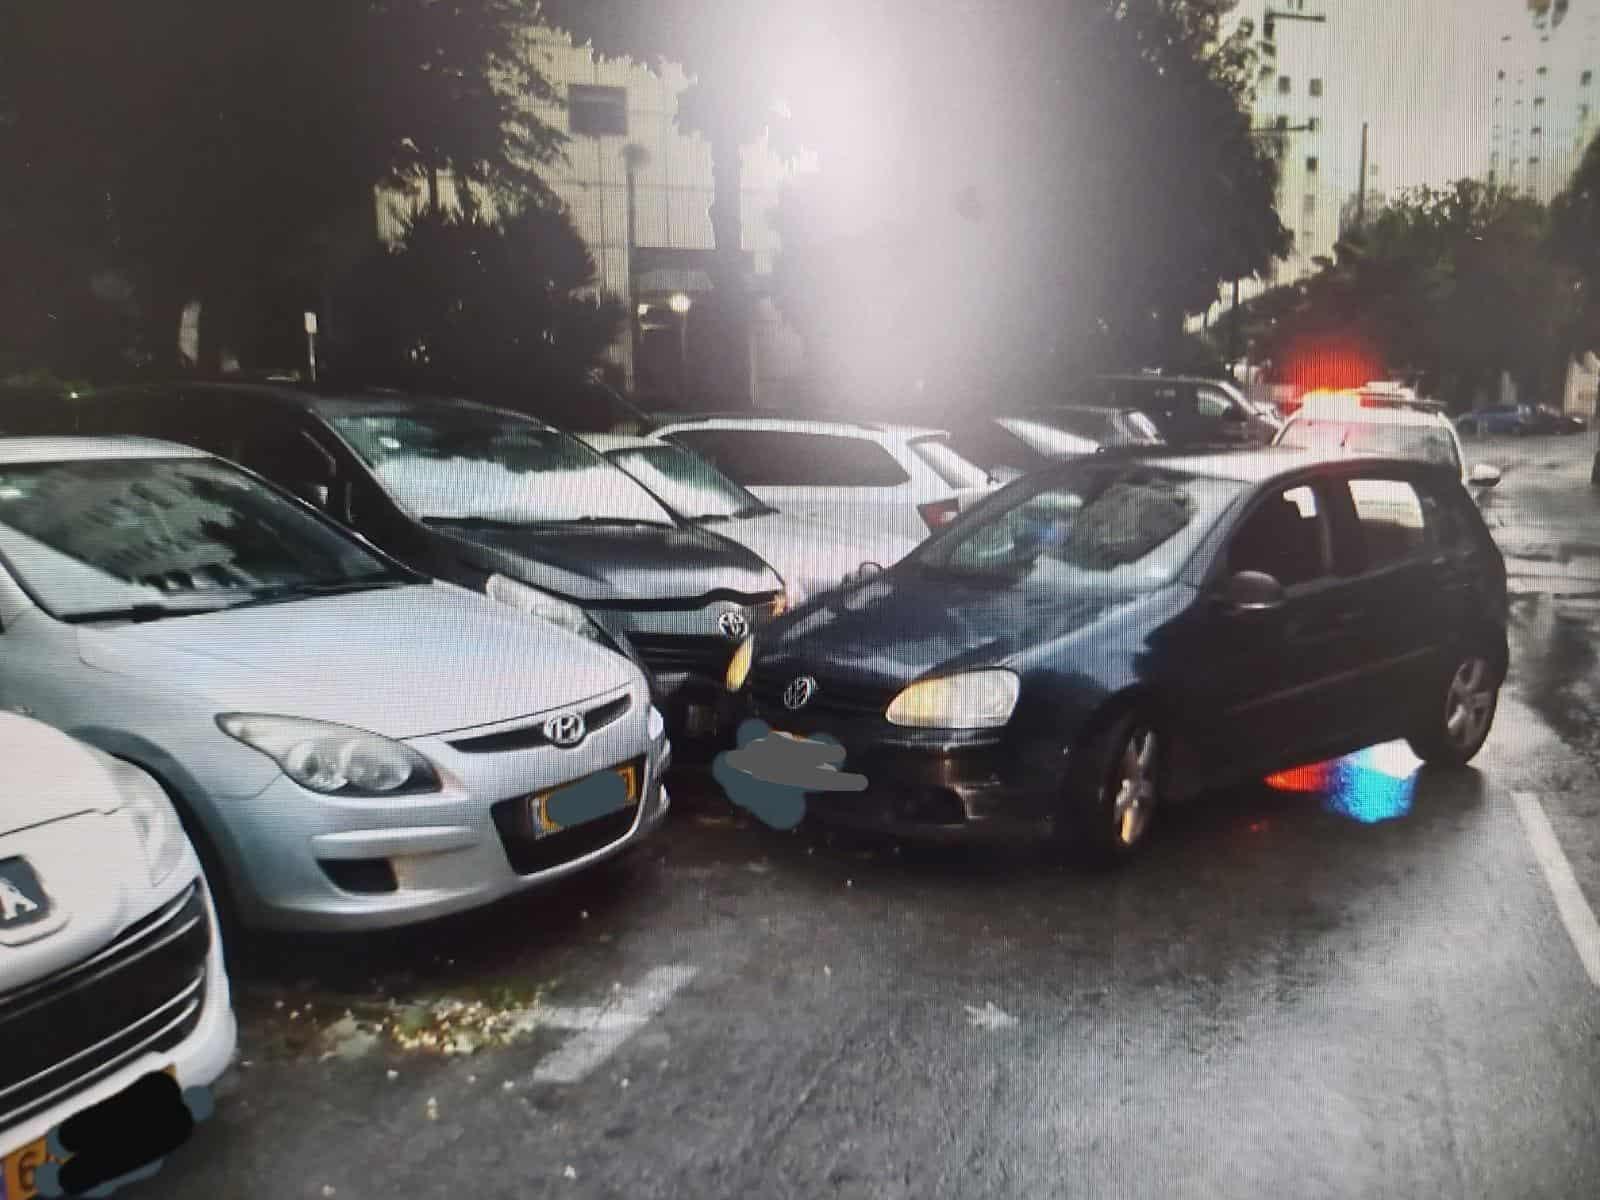 נהגת שיכורה פגעה ברכבים חונים. צילום: משטרת ישראל